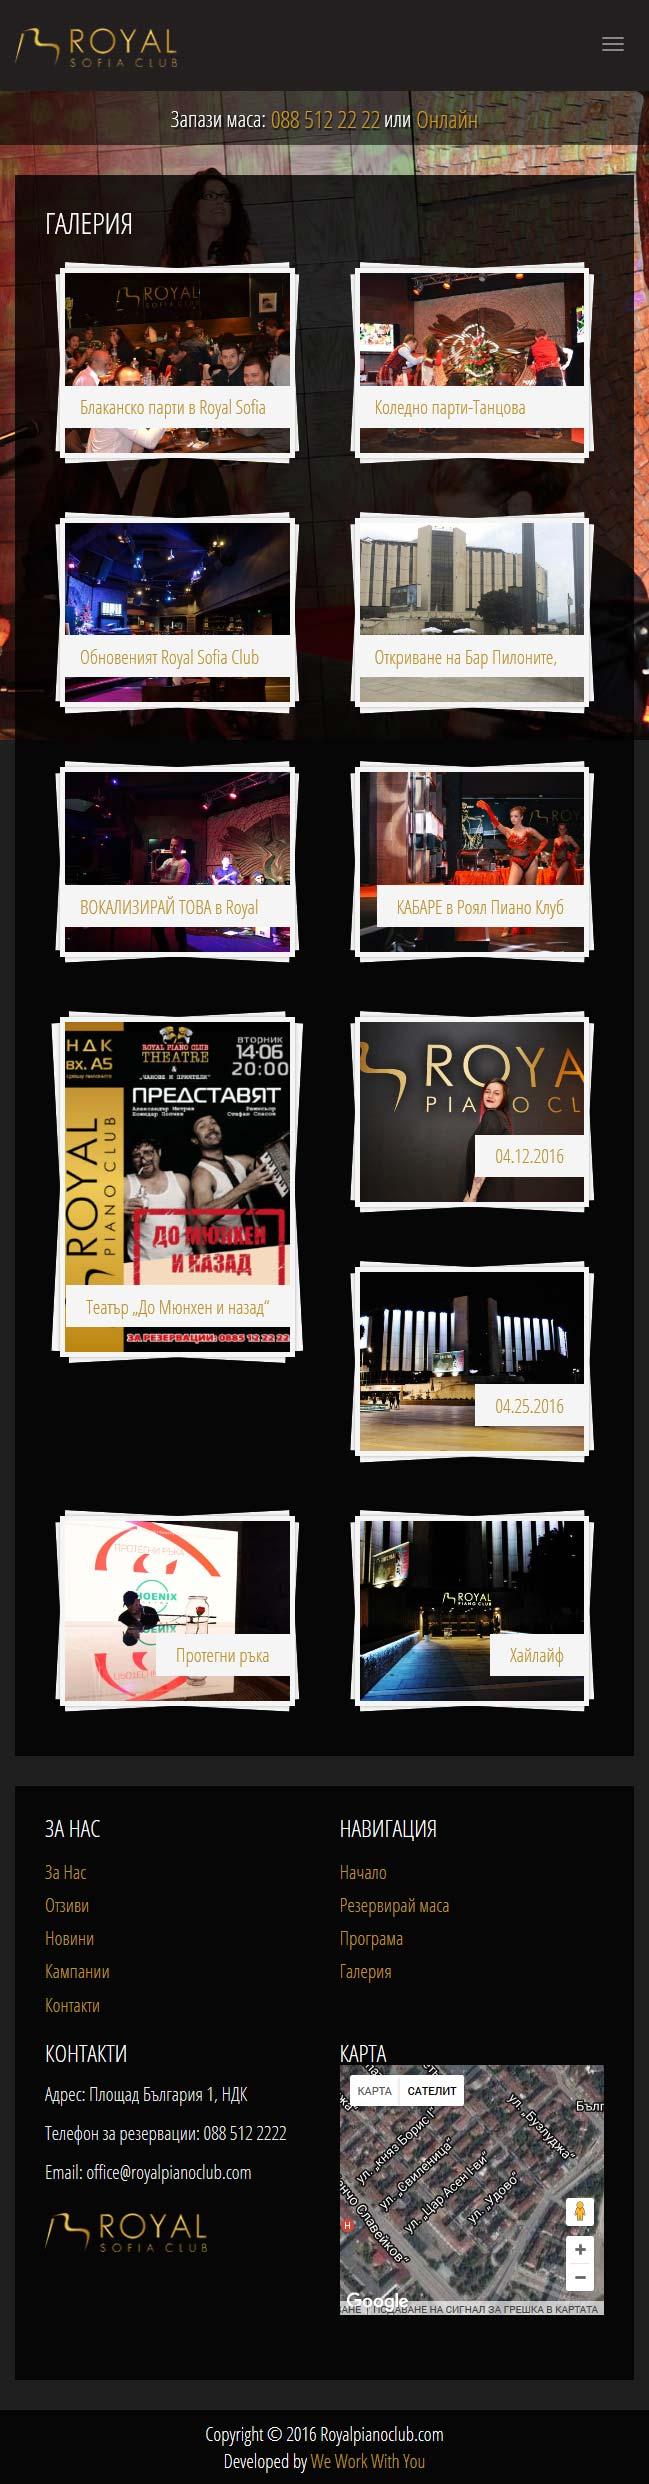 Royal Sofia Club